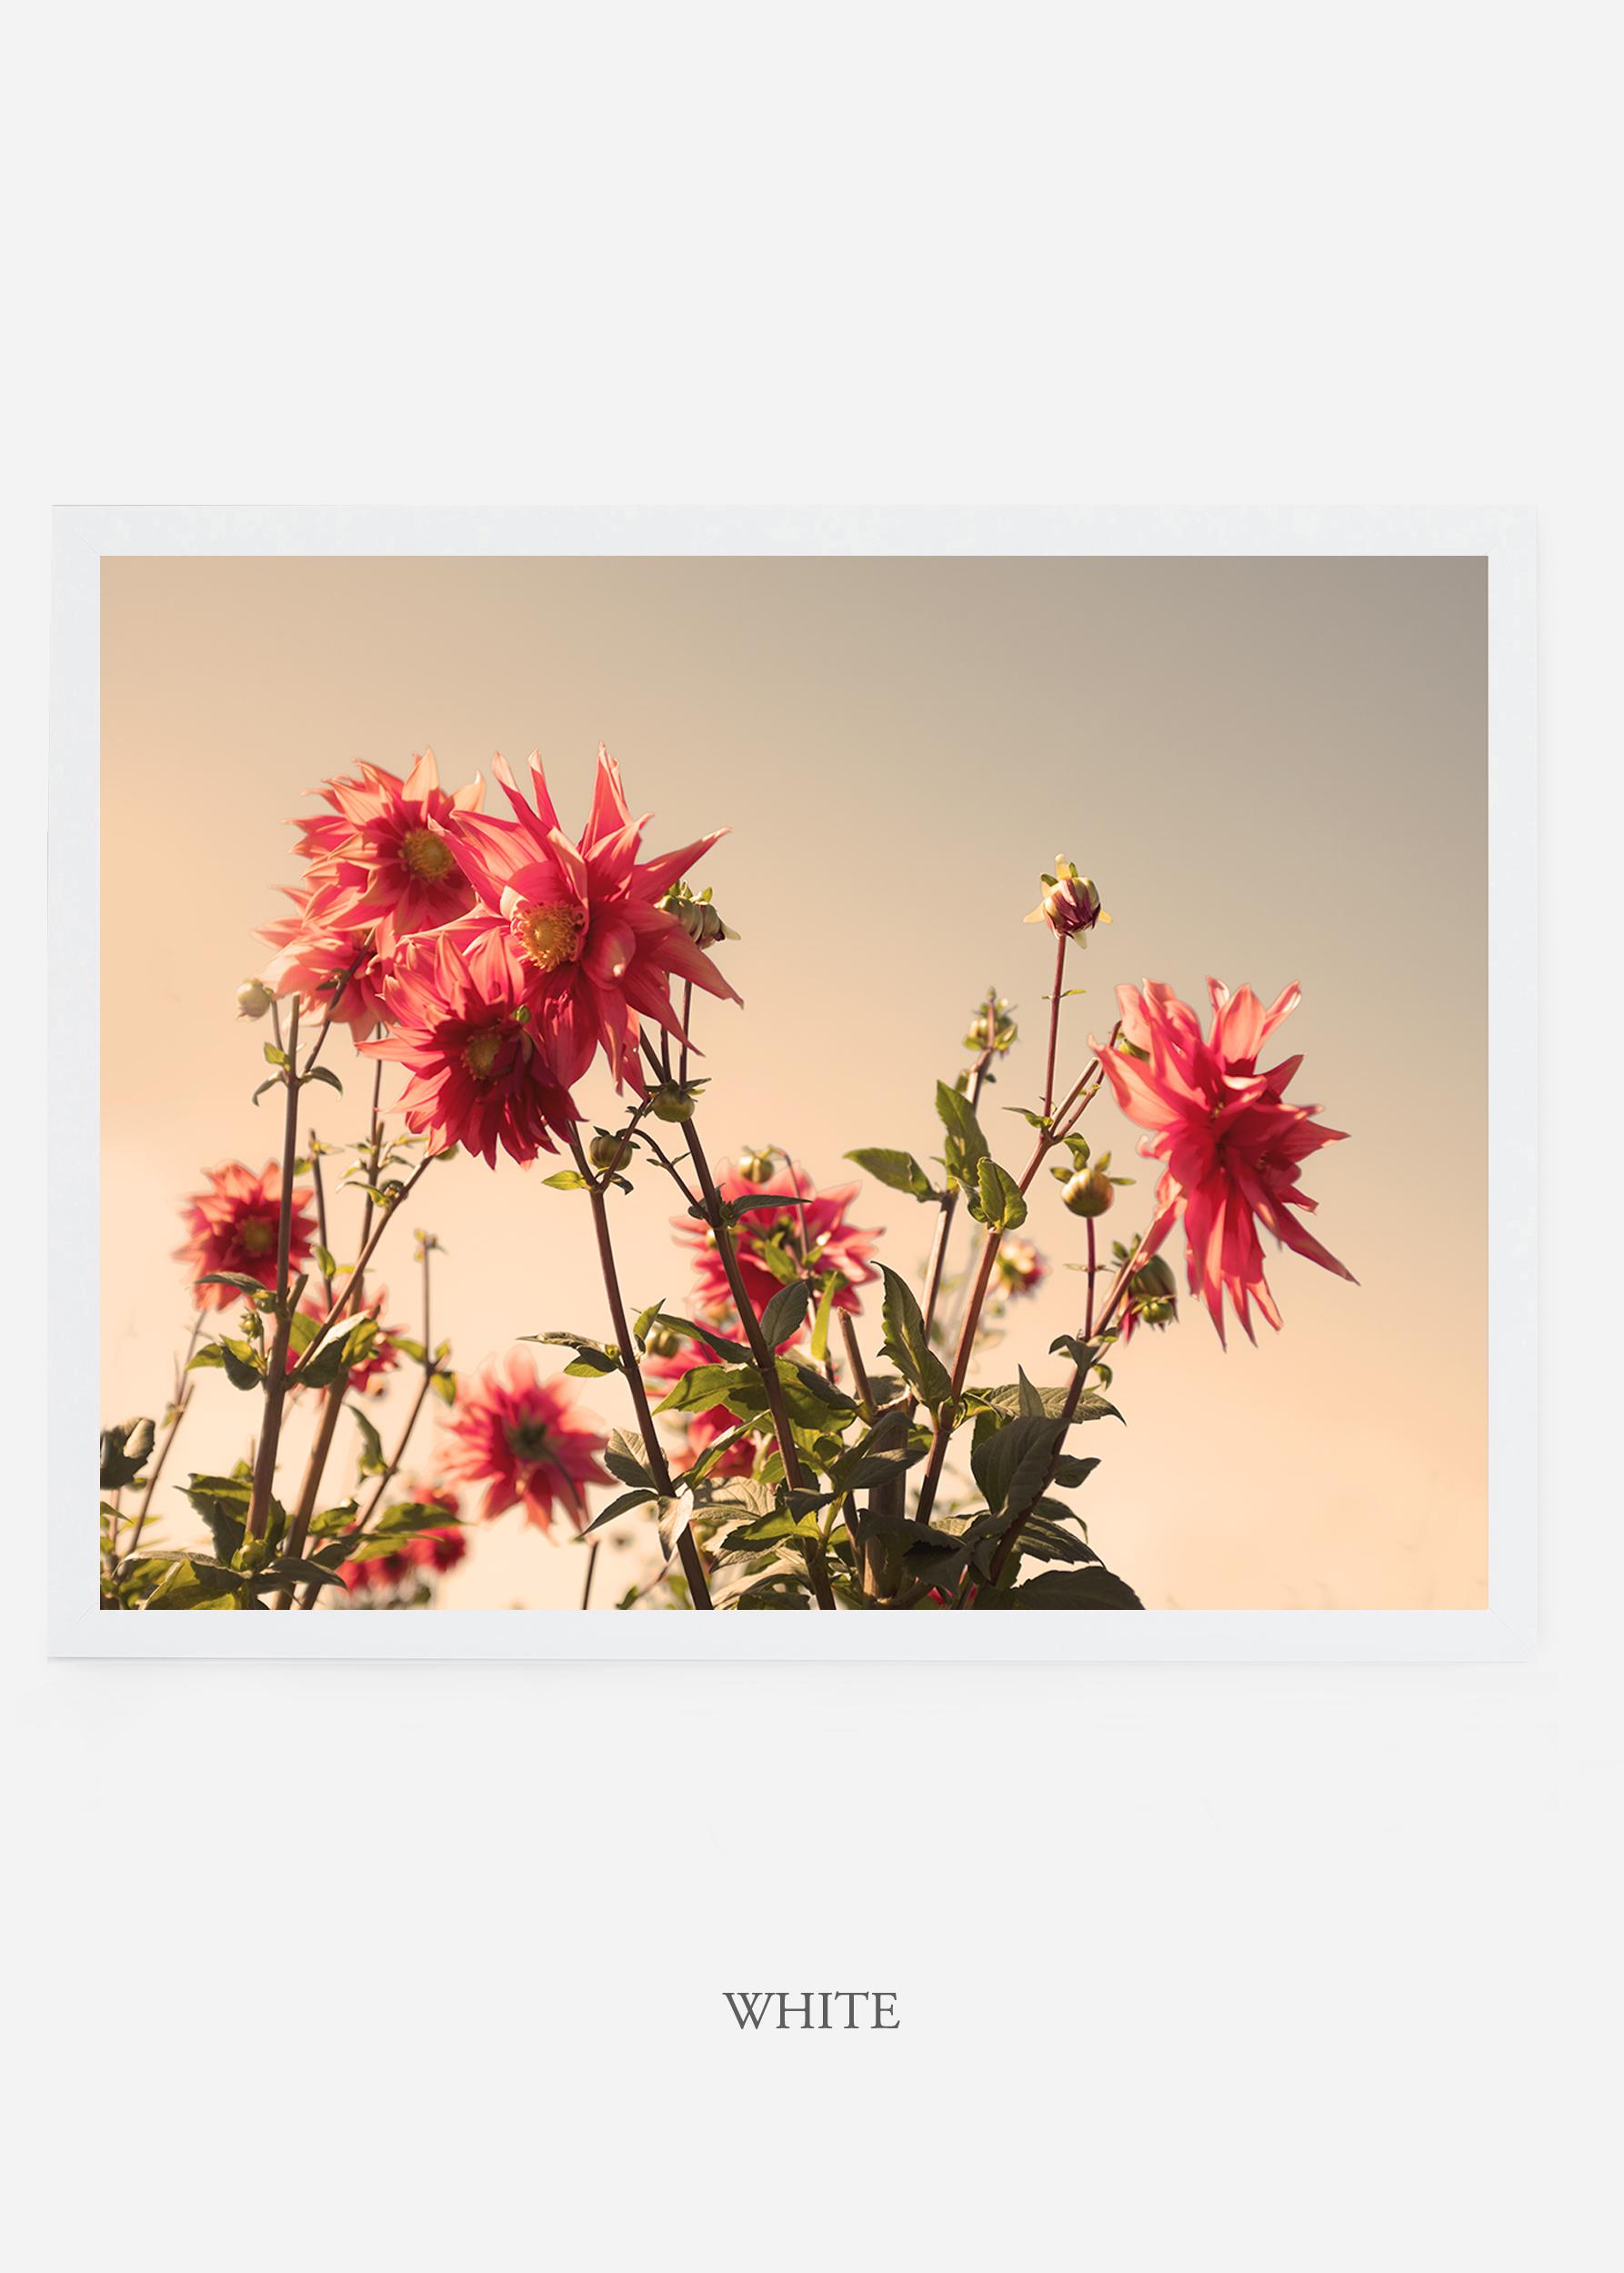 NoMat-WhiteFrame-DahliaNo.9-Wilder-California-Art-Floral-Home-decor-Prints-Dahlia-Botanical-Artwork-Interior-design.jpg